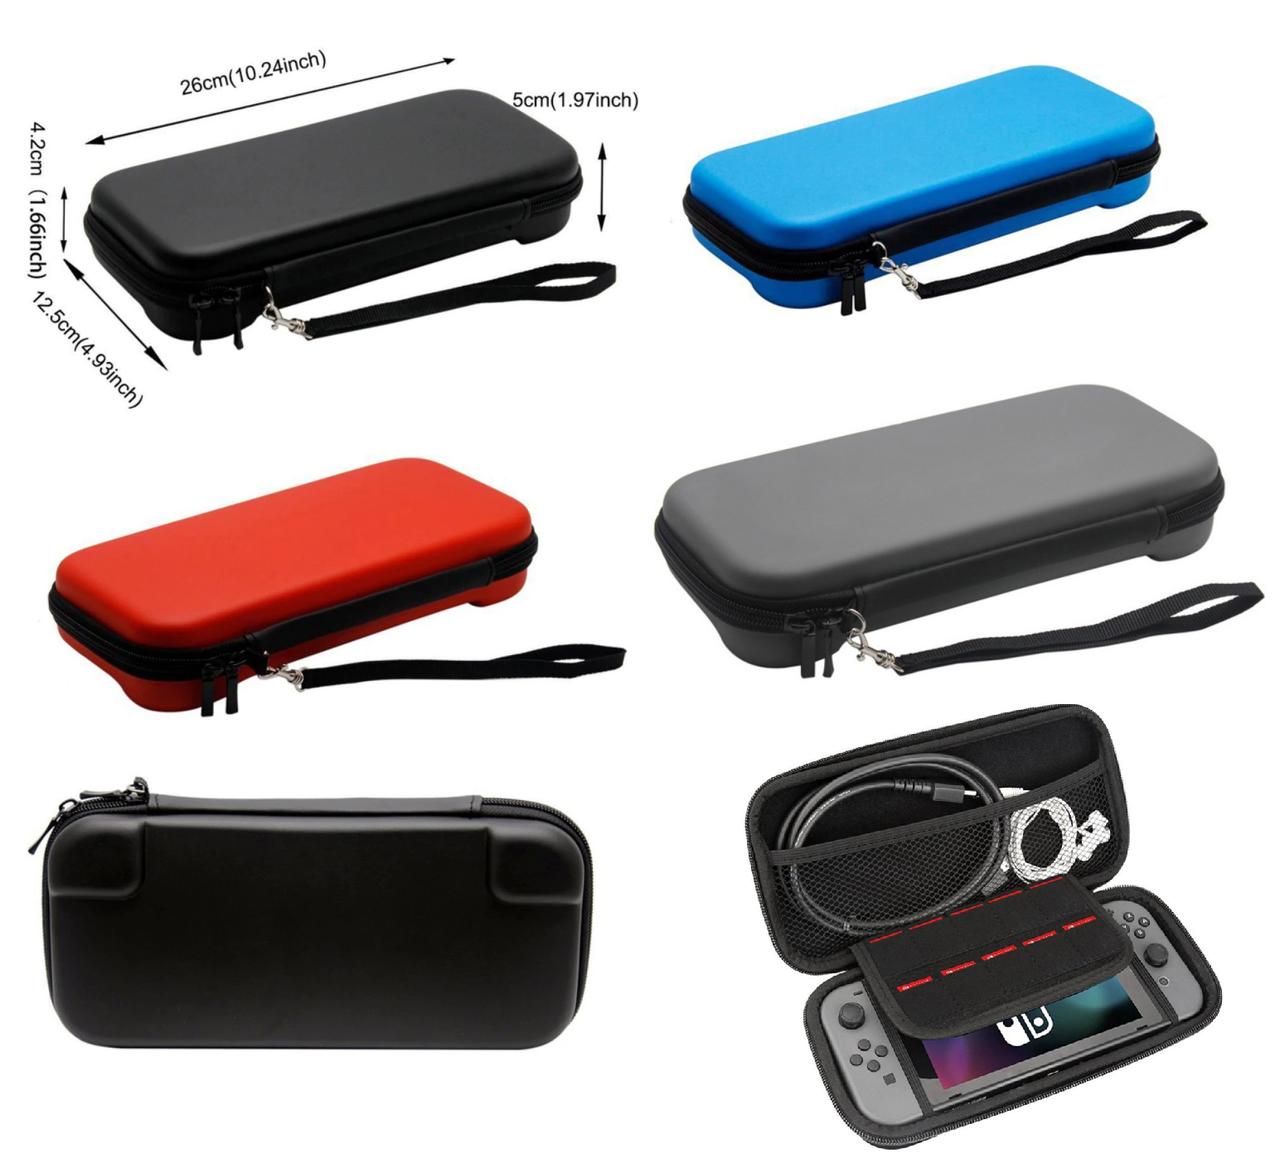 Захисний чохол кейс GameWill для Nintendo Switch ( 4 кольори) / Скла є в наявності /